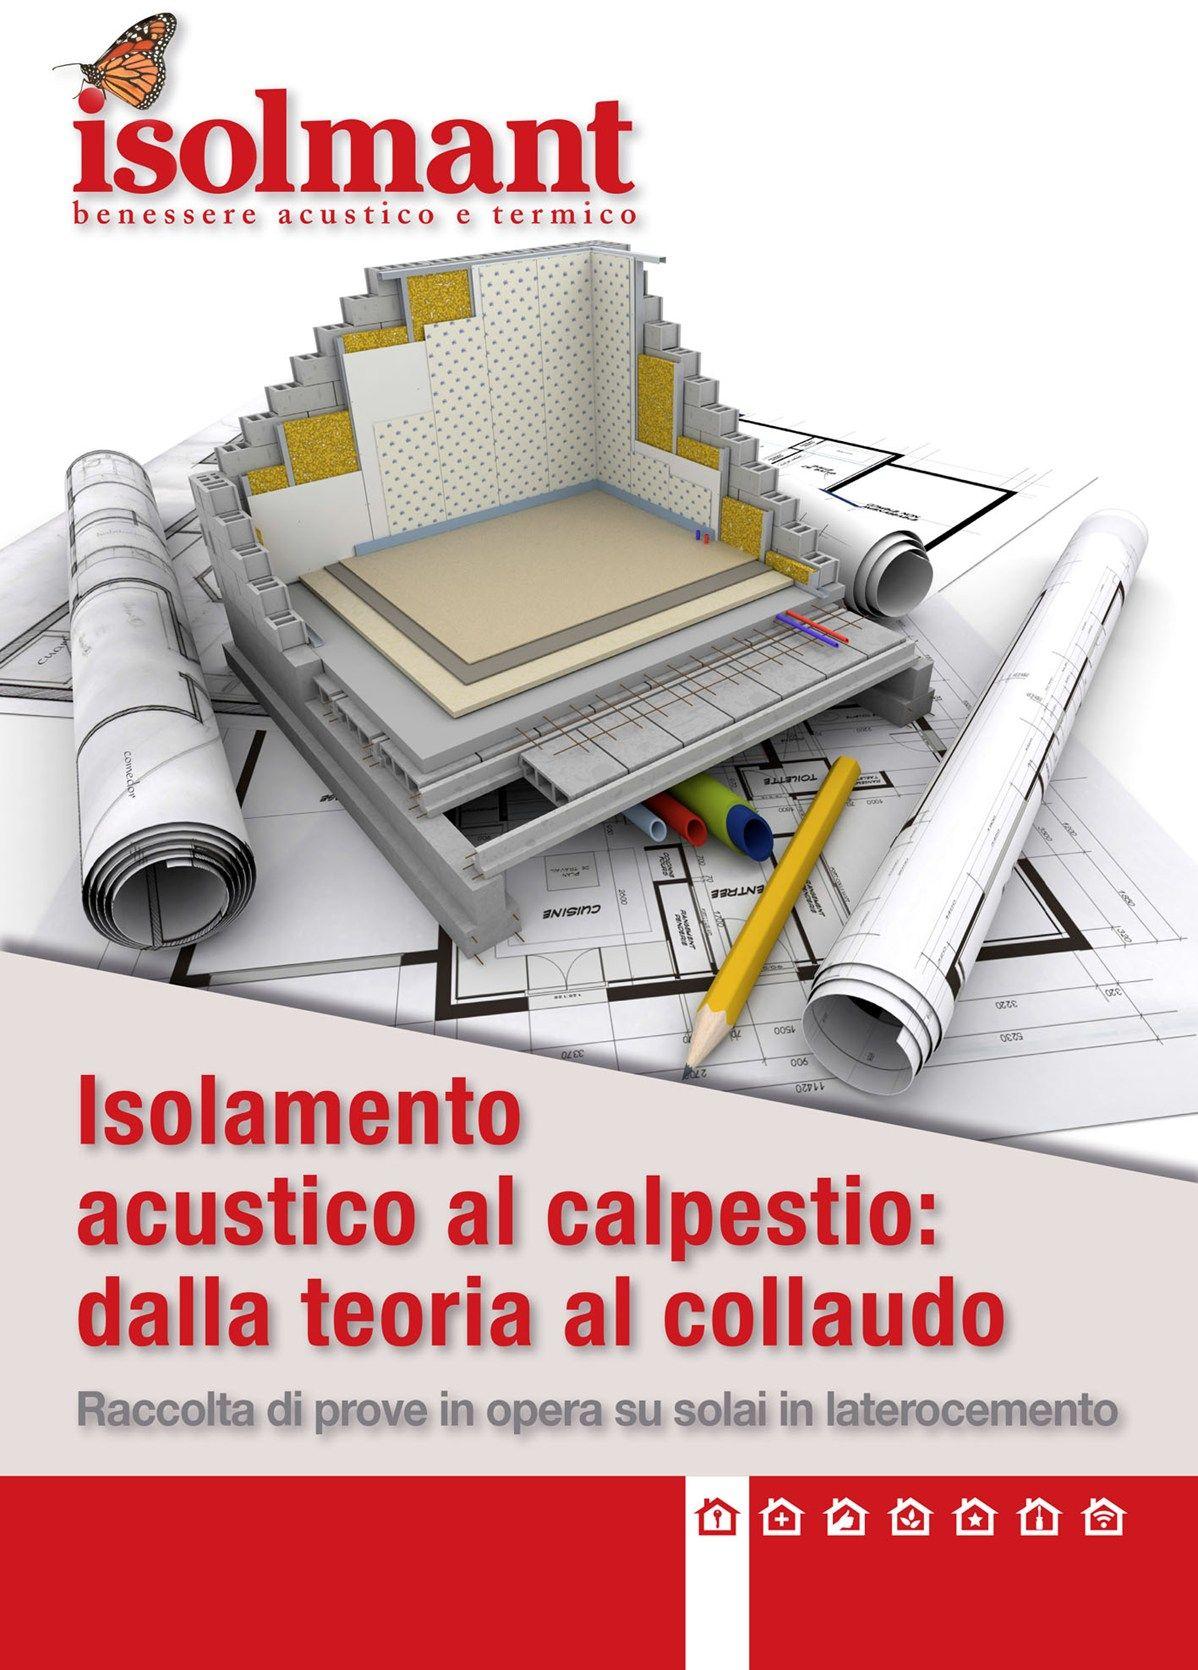 Tecnasfalti-Isolmant presenta il volume 'Isolamento acustico al calpestio: dalla teoria al collaudo'